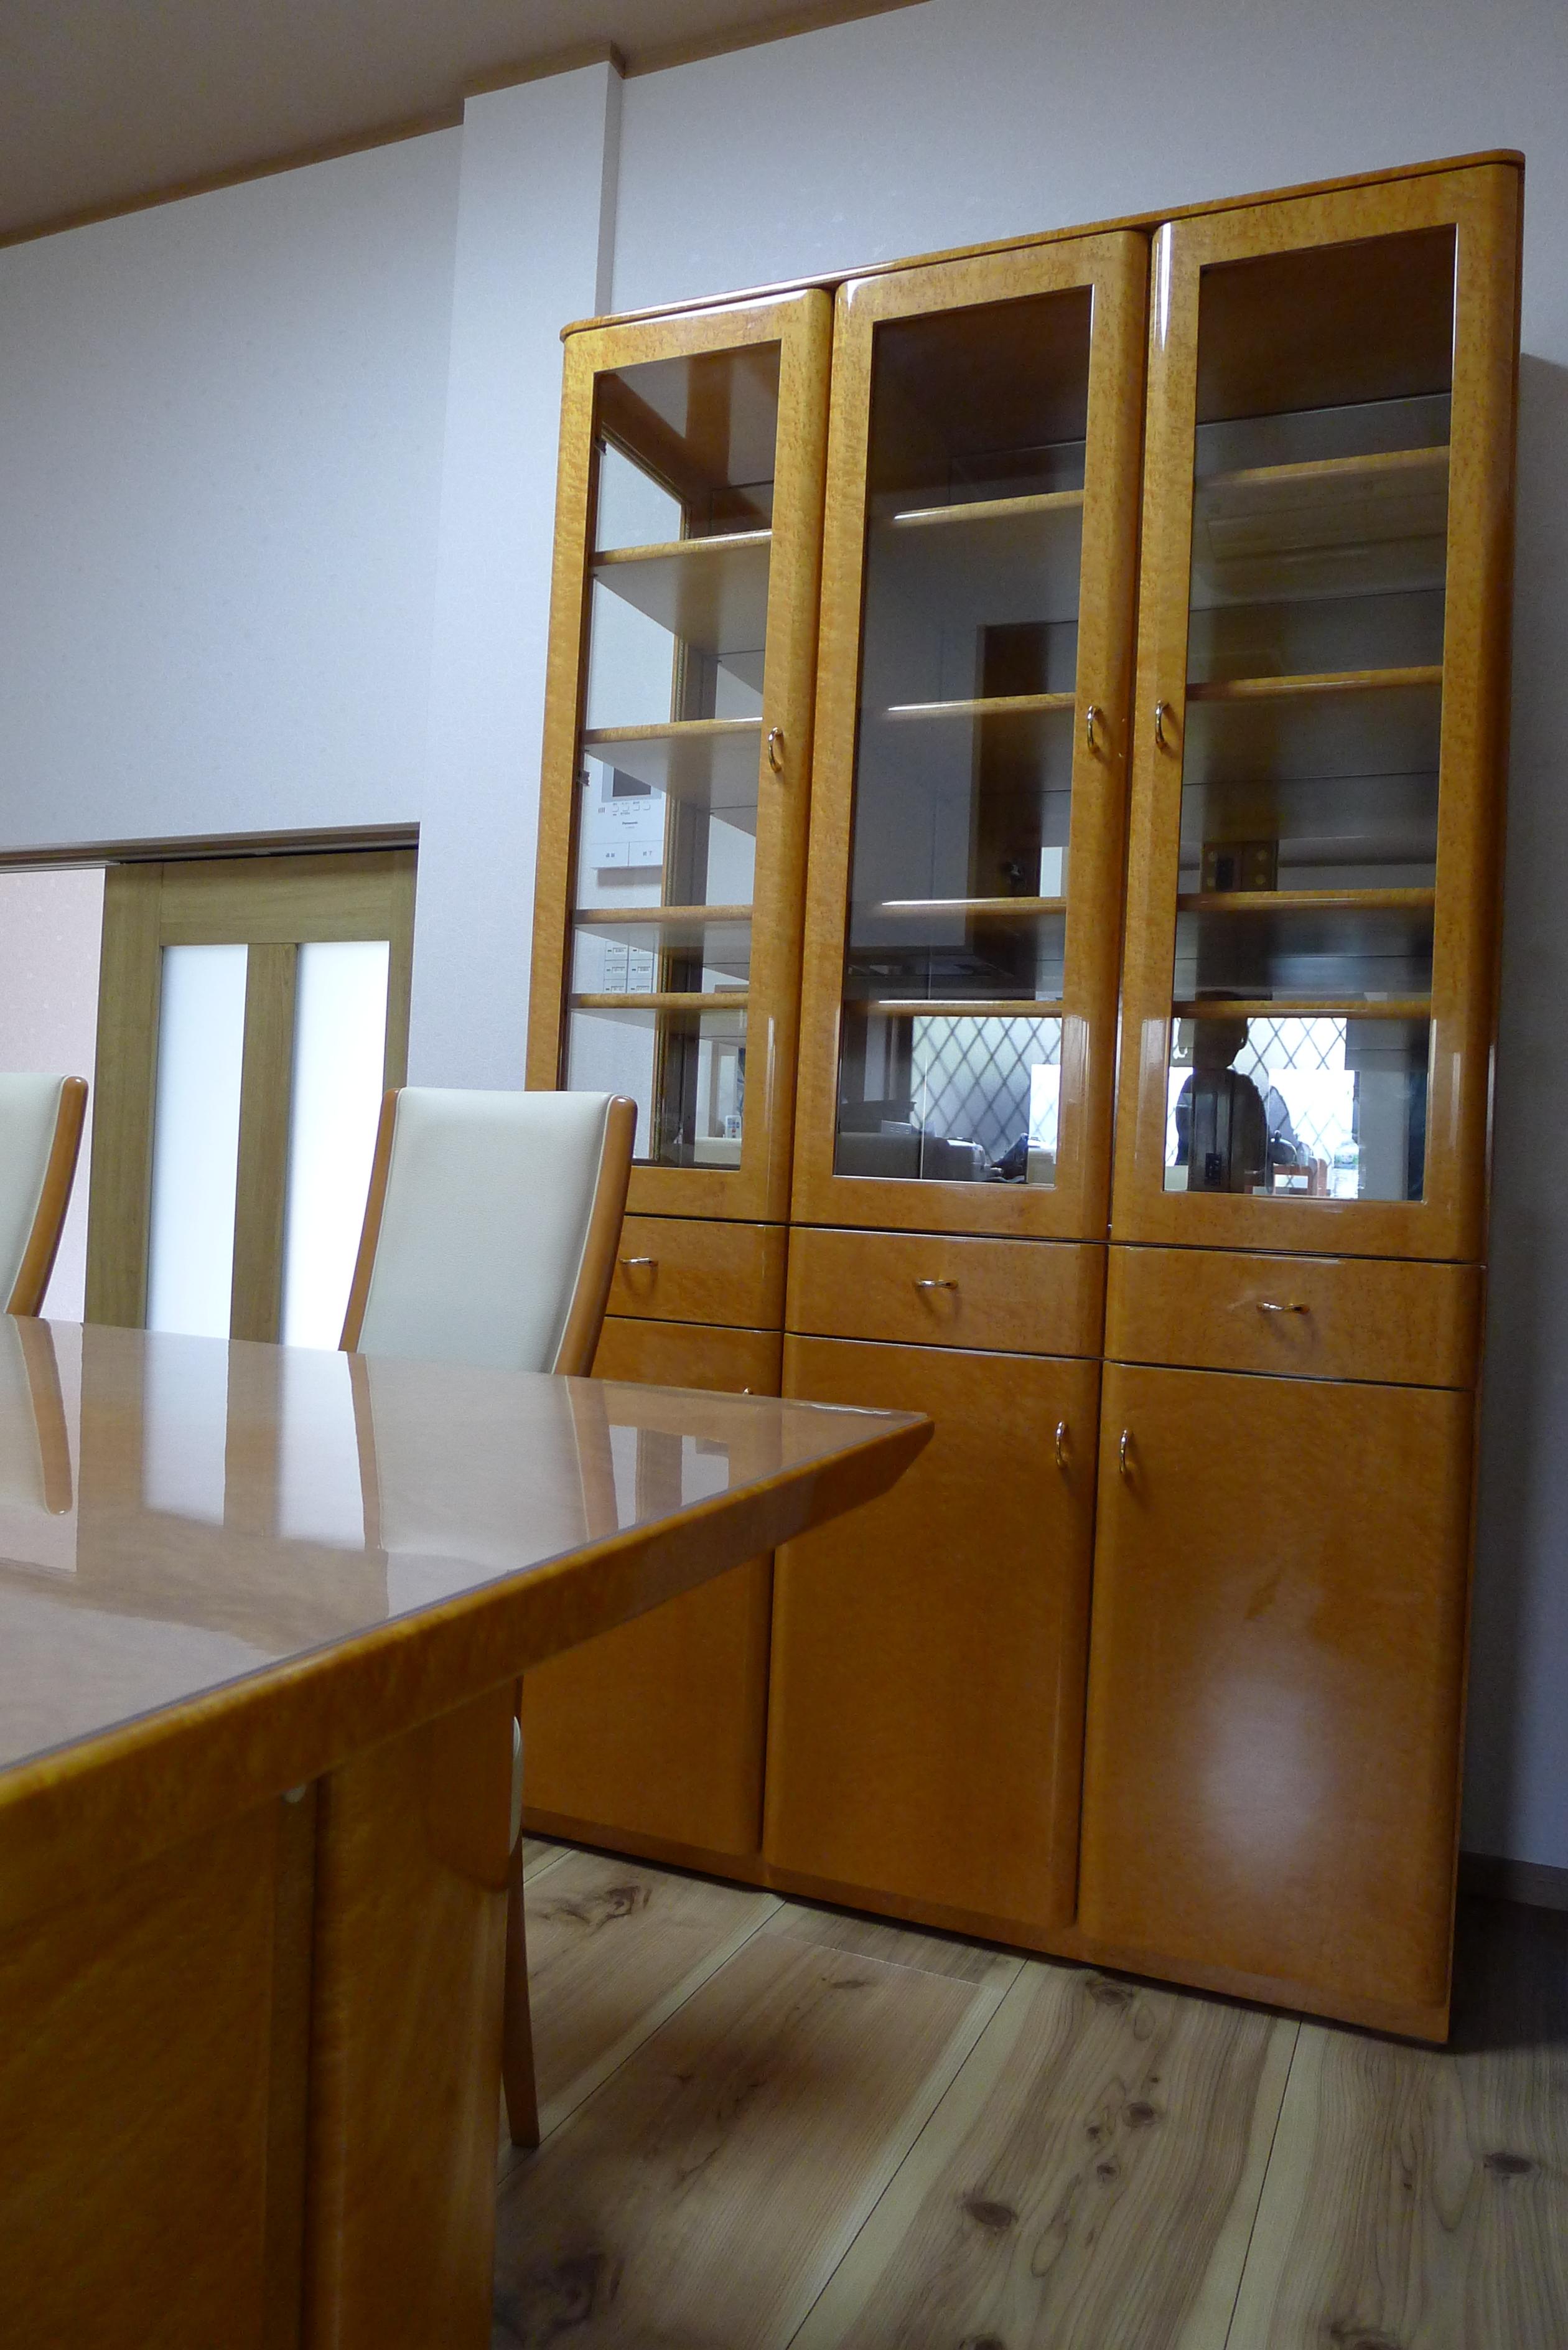 メープル食器棚、ダイニングセット